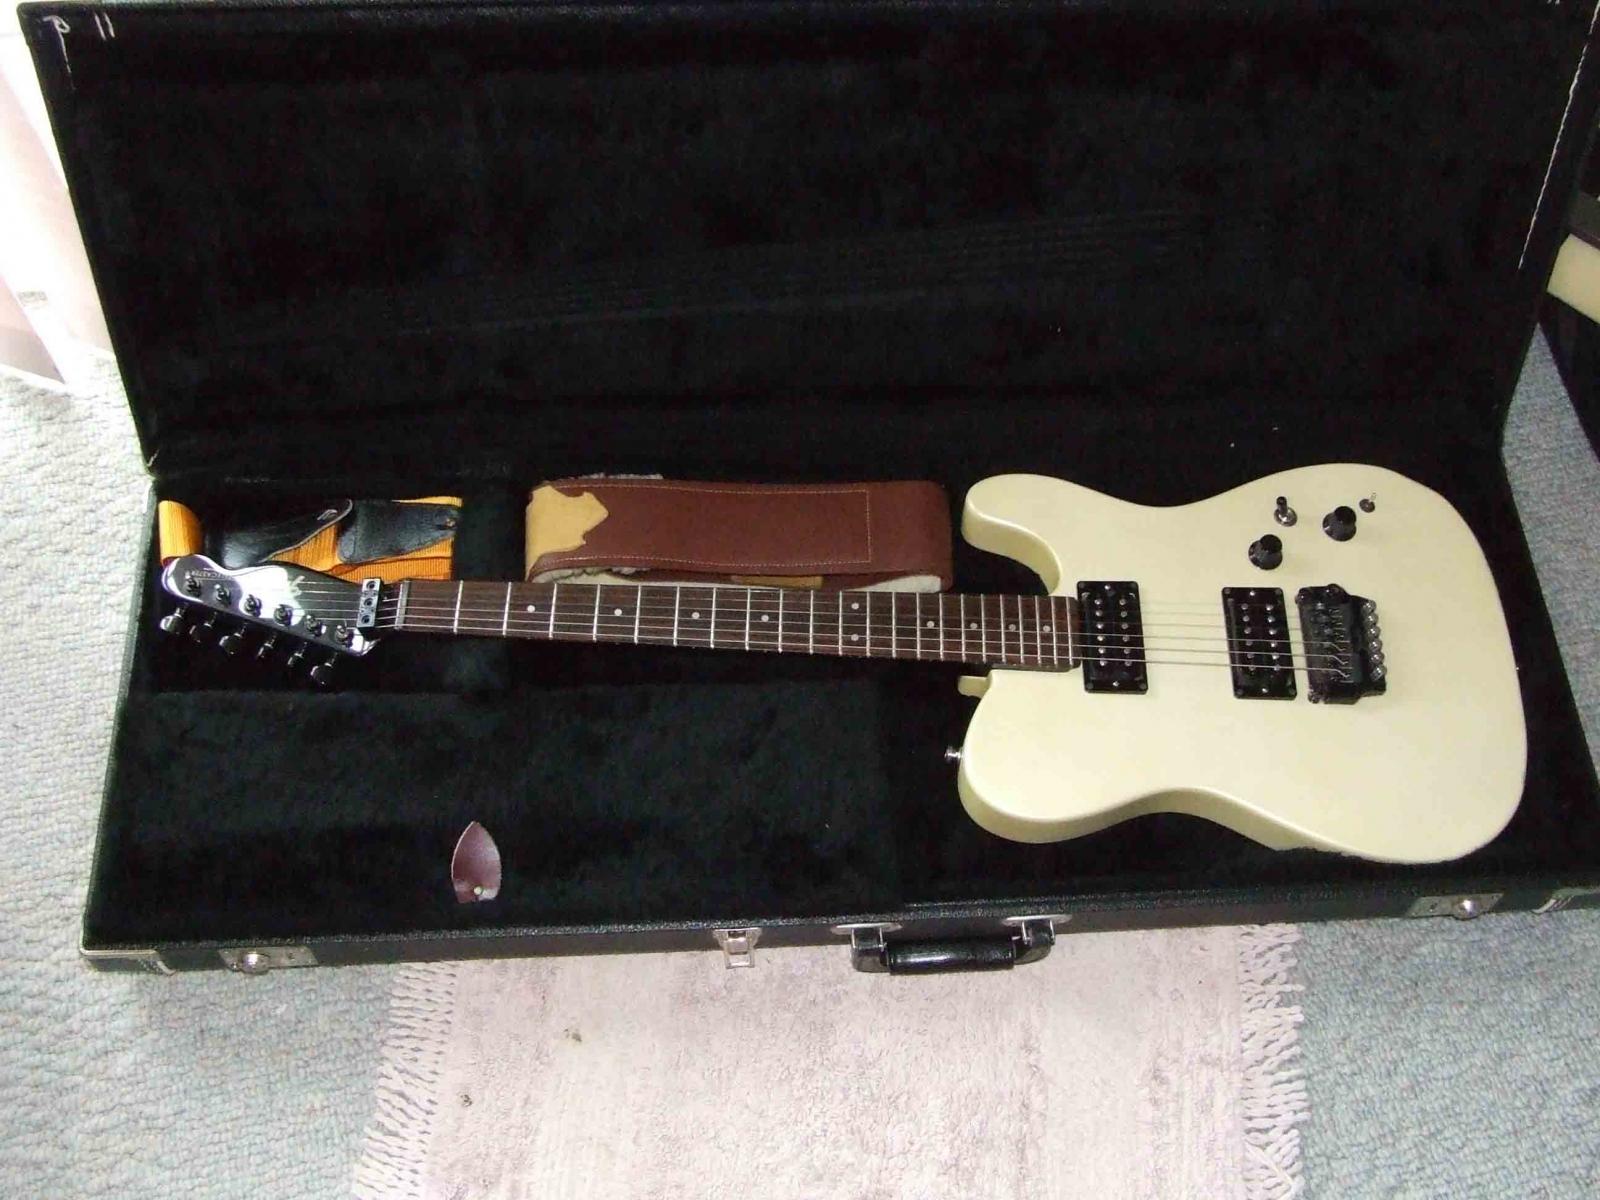 My custom Fender Telecaster